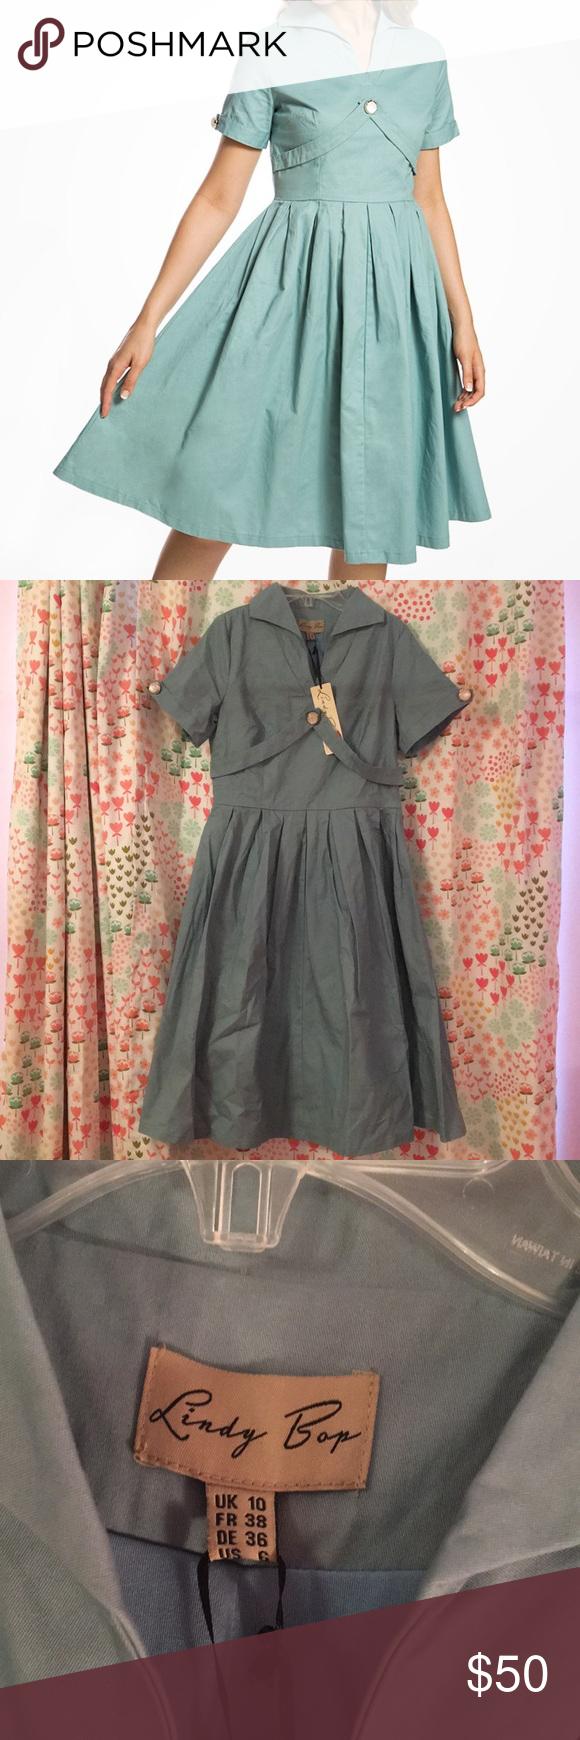 2cbcbc1e2ff96 BNWT 1950s Lindy Bop Claudette Dress BRAND NEW WITH TAGS! Lindy Bop  Claudette dress in